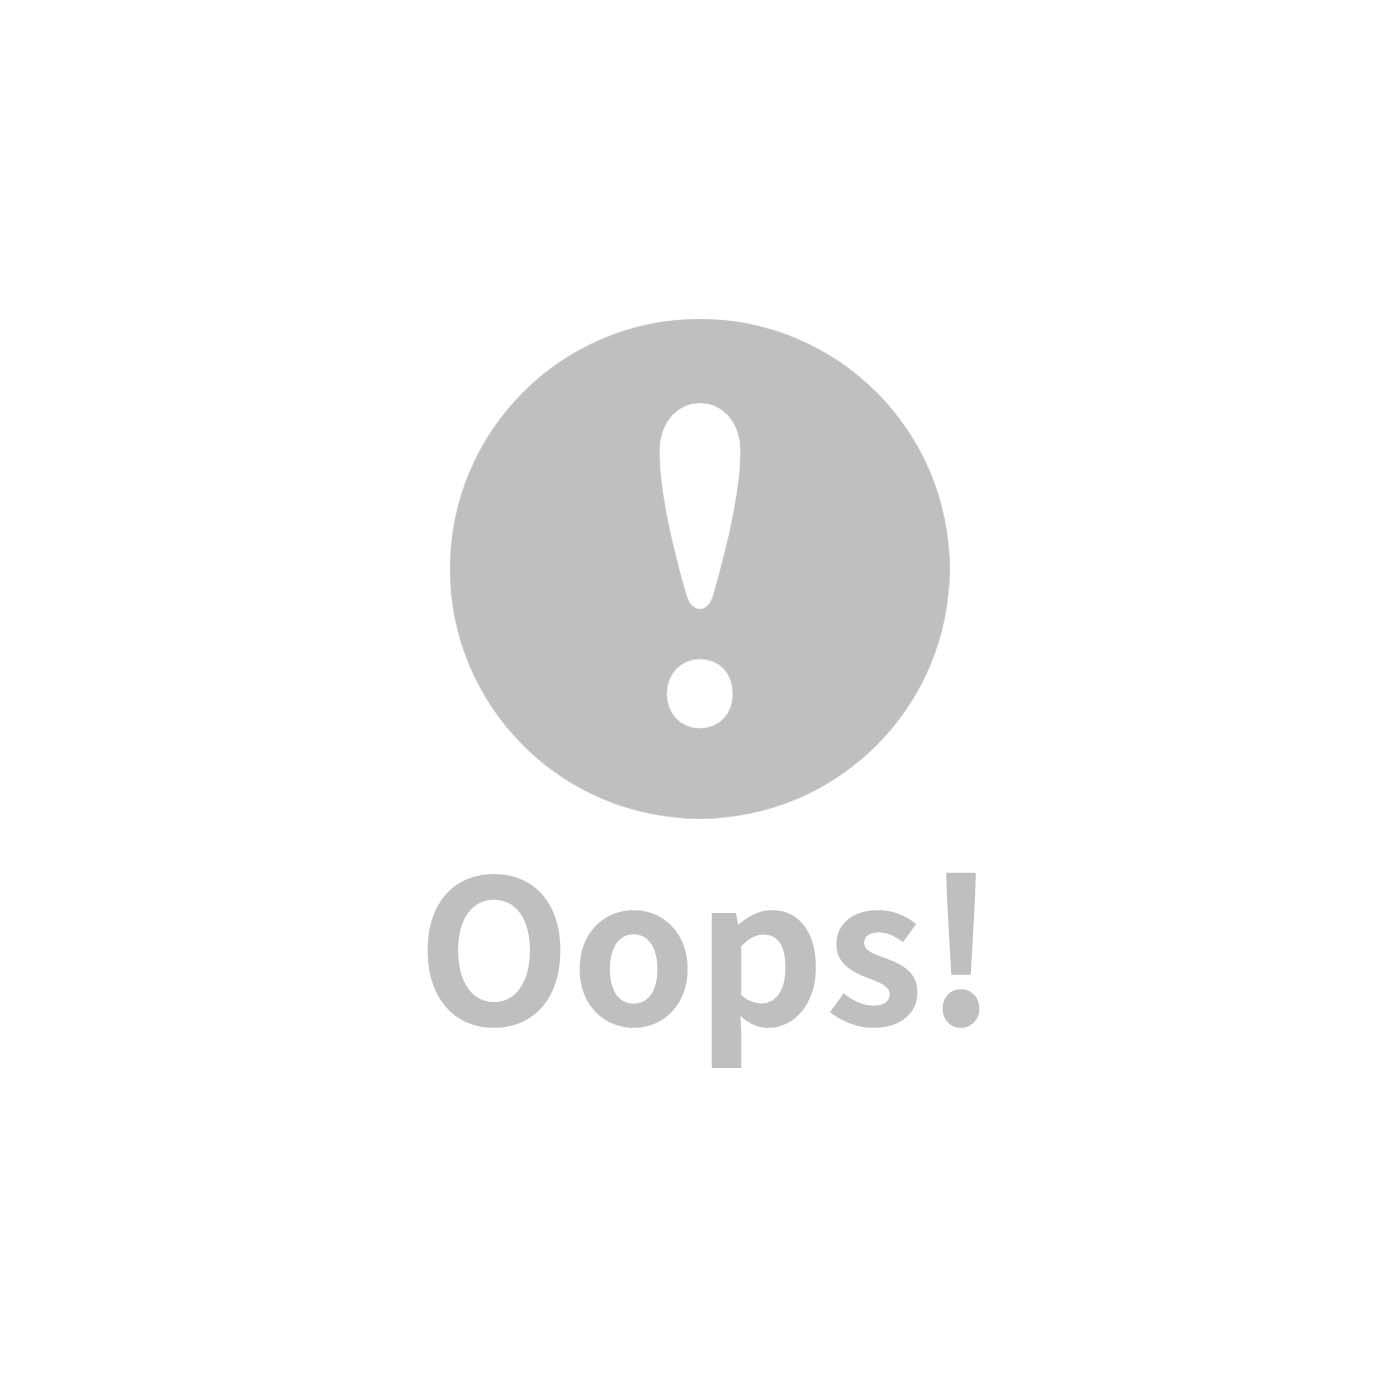 嬰兒用品,寶寶用品,兒童用品,嬰兒玩具,寶寶玩具,兒童玩具